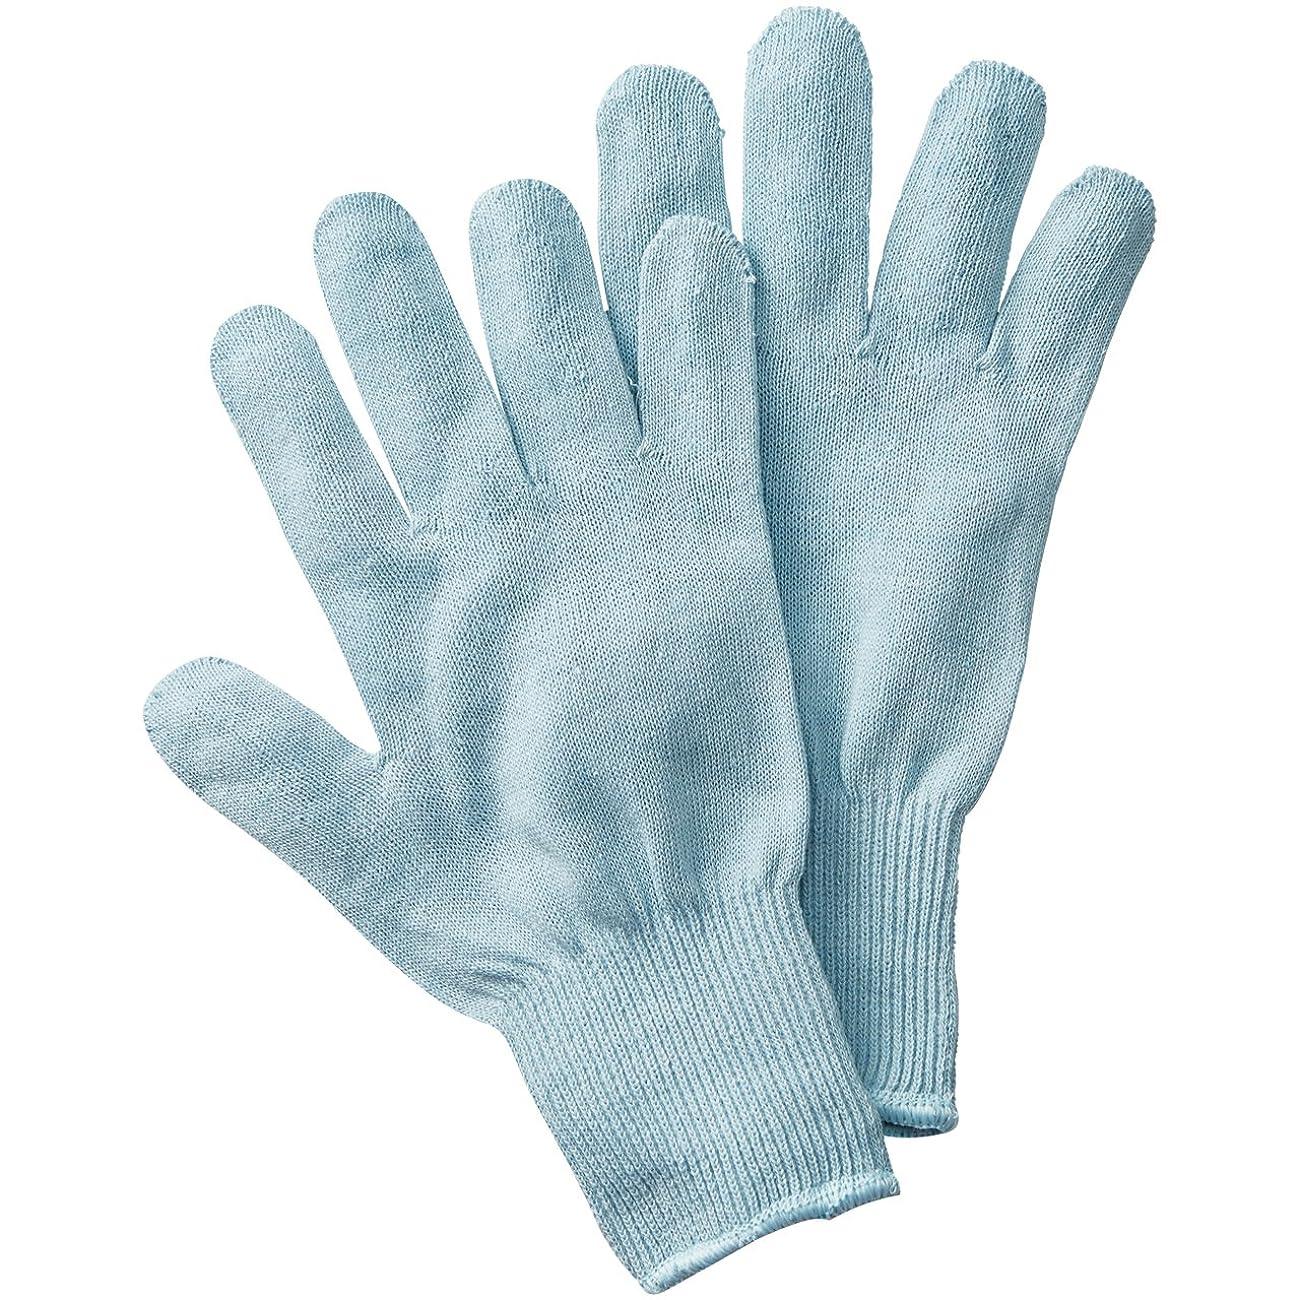 スポーツの試合を担当している人殺す器用セルヴァン シルク混おやすみ手袋 サックス